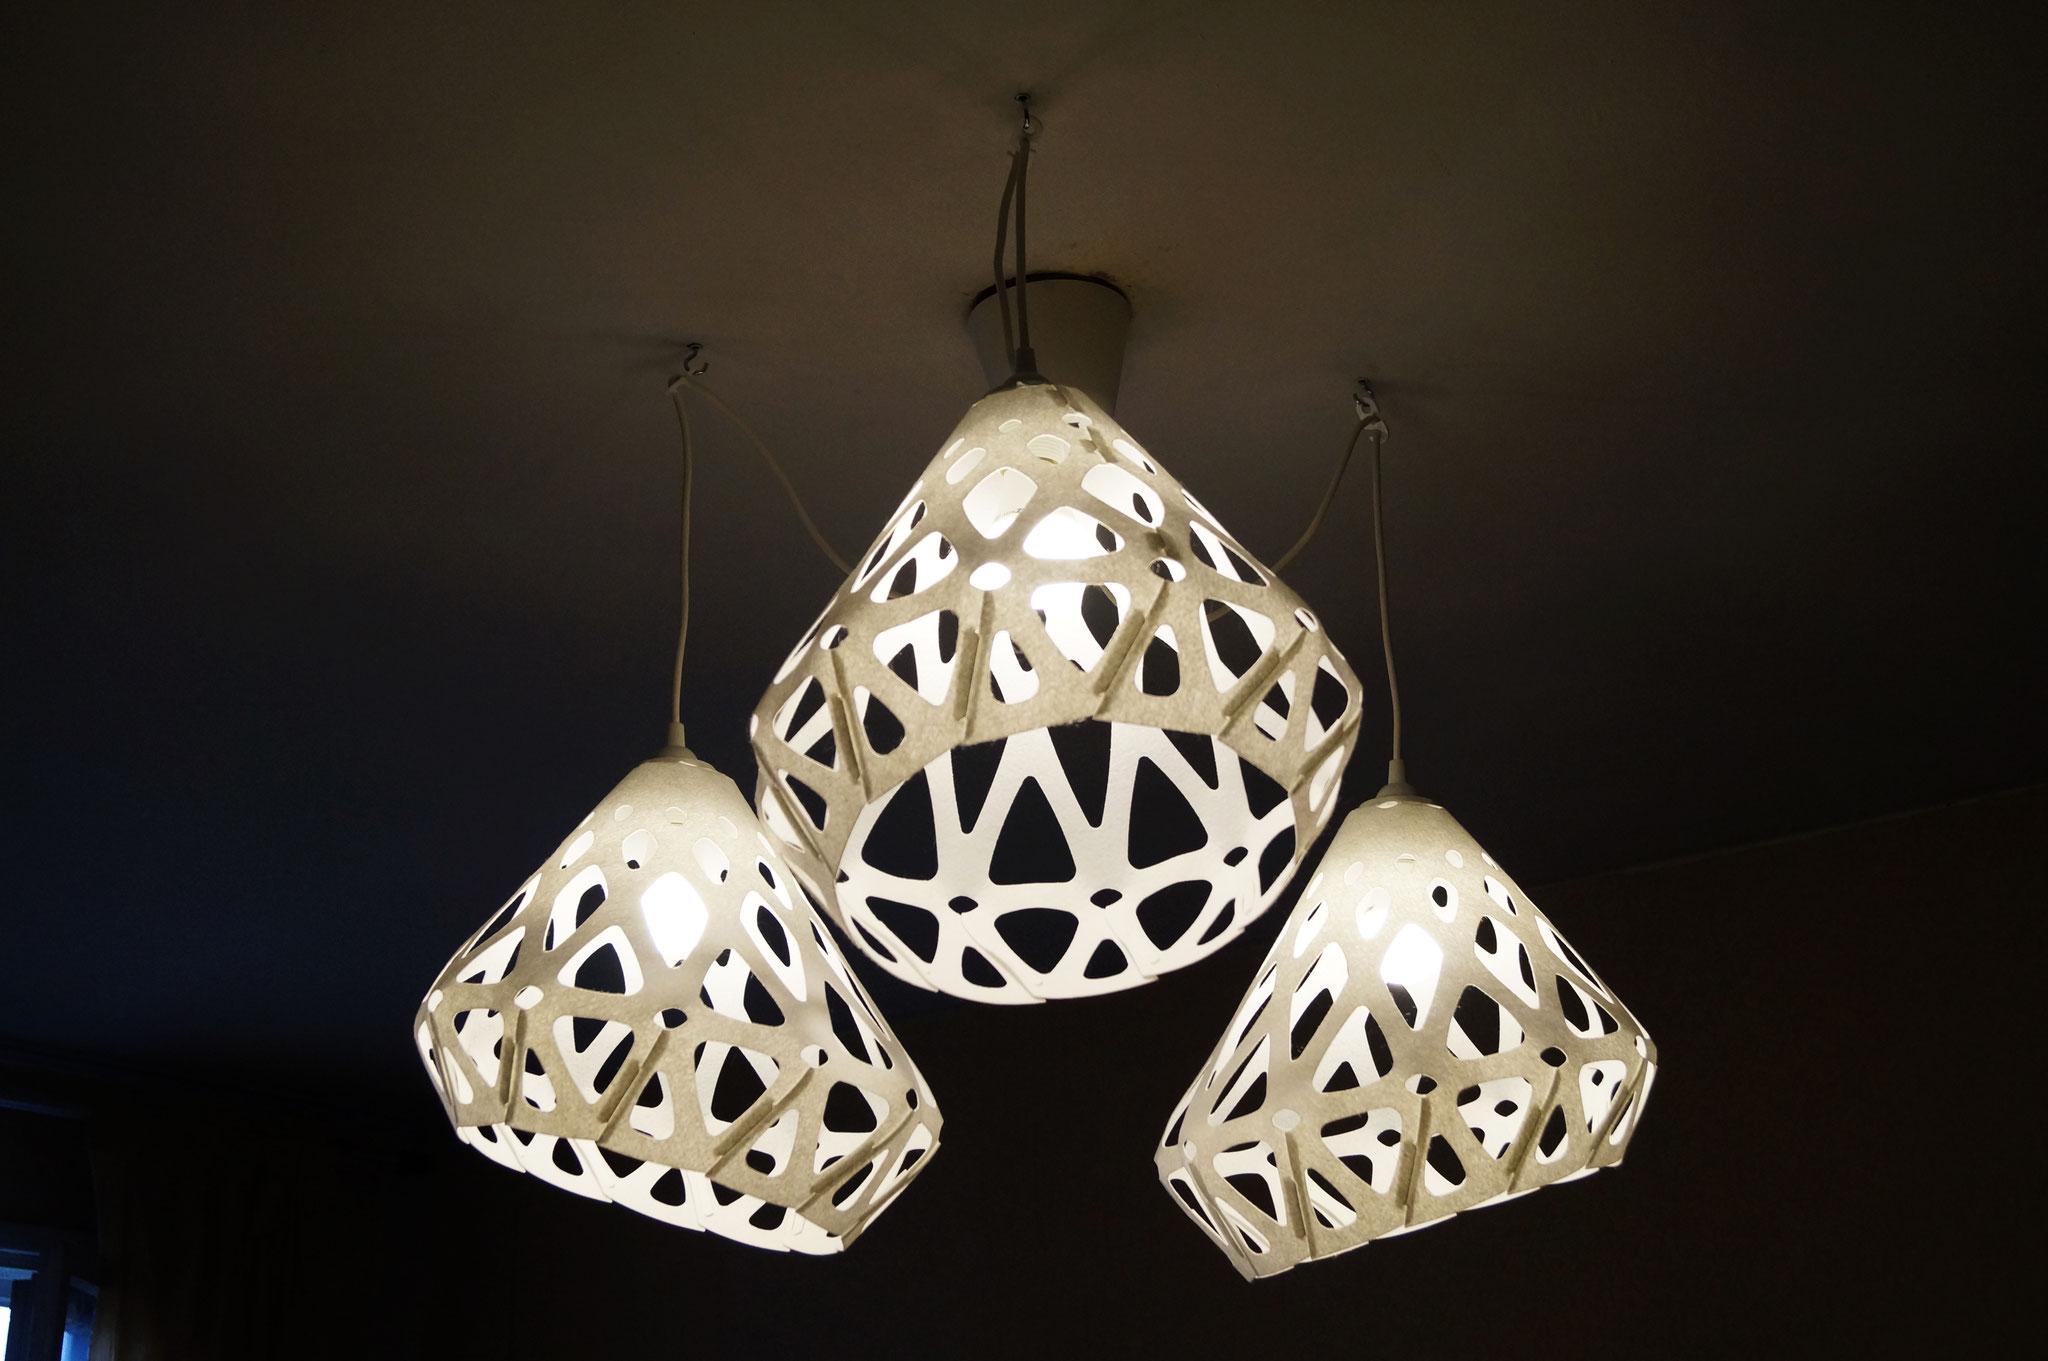 Белая люстра ZAHA LIGHT украшает интерьер и делает его необычным.